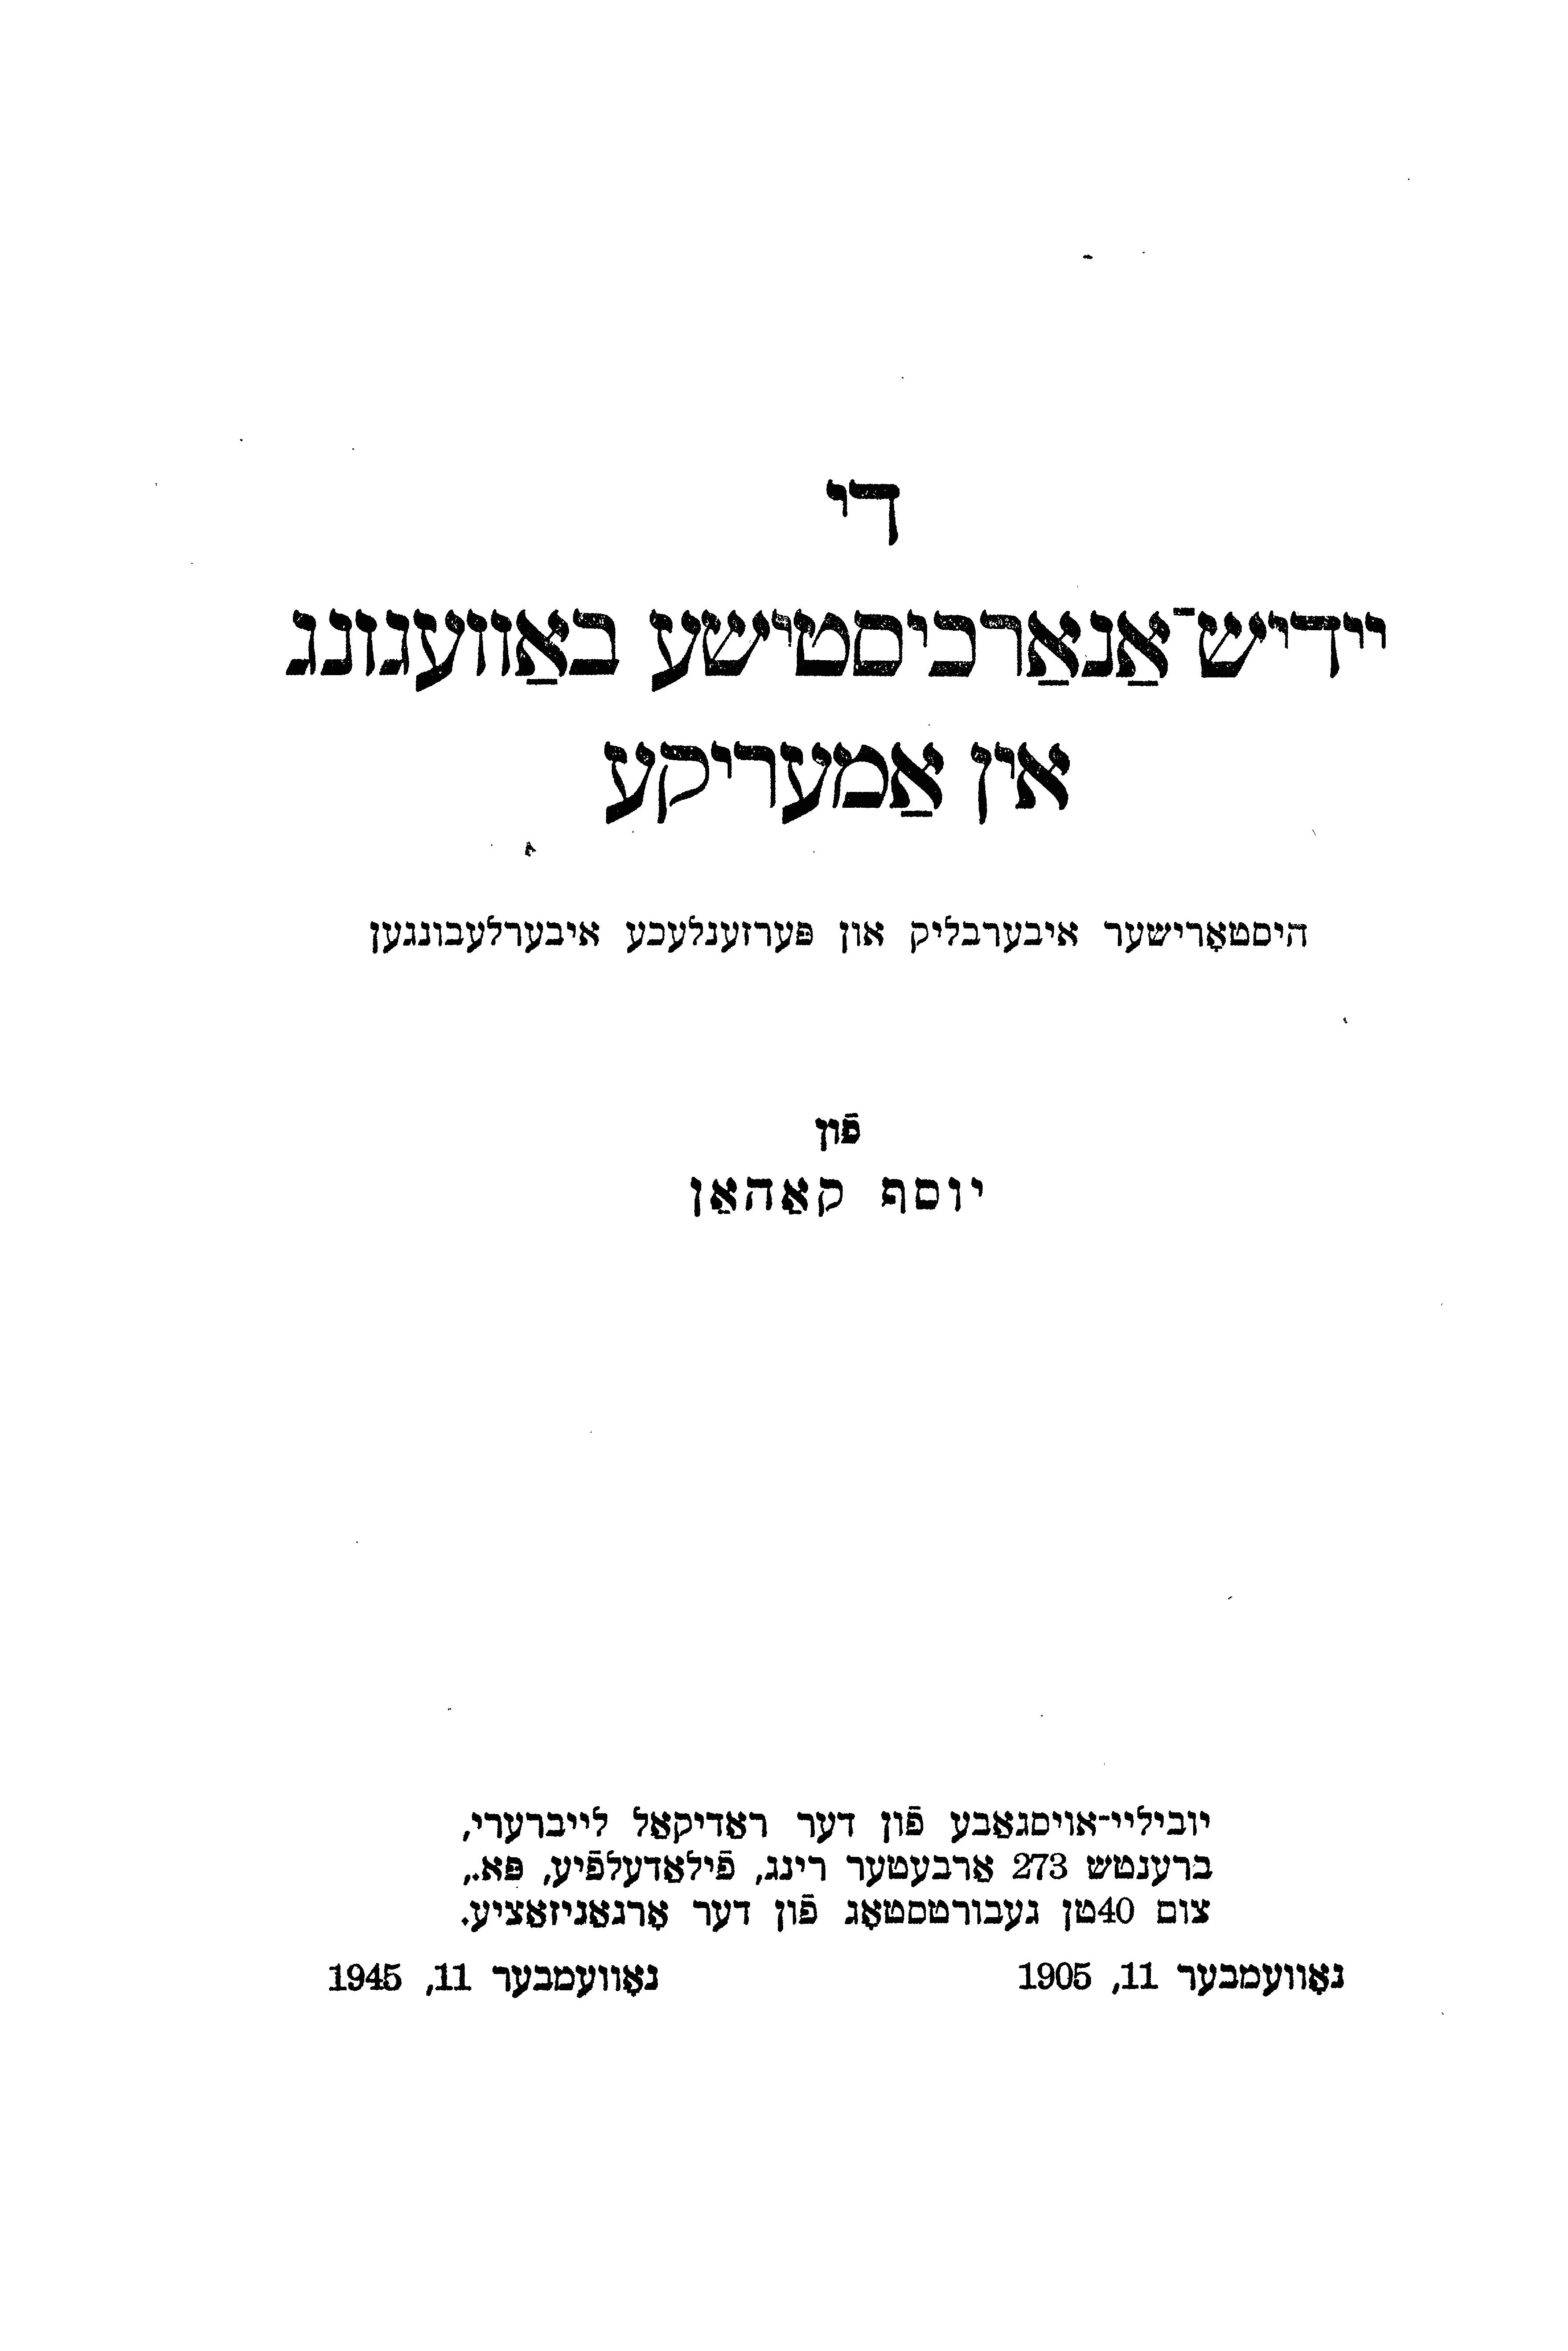 <p>Title page of Joseph Cohen&#8217;s&nbsp;memoir</p>